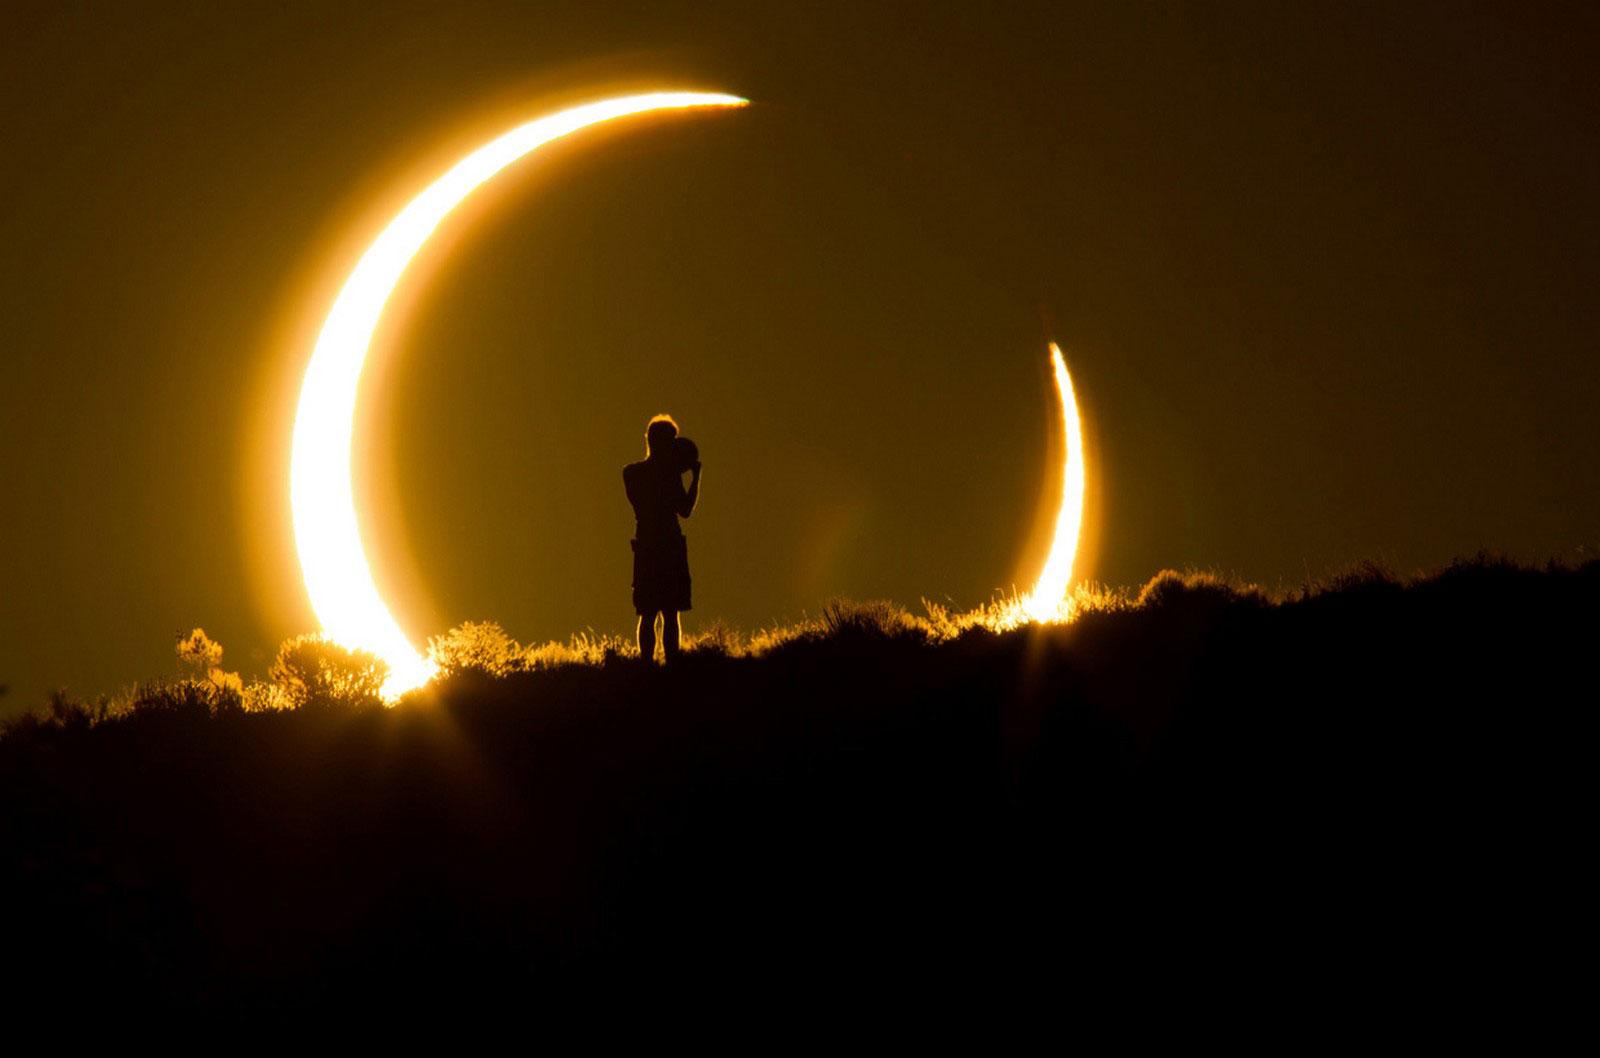 Завтра в Украине, впервые с 1999 года будет солнечное затмение. Известно точное время